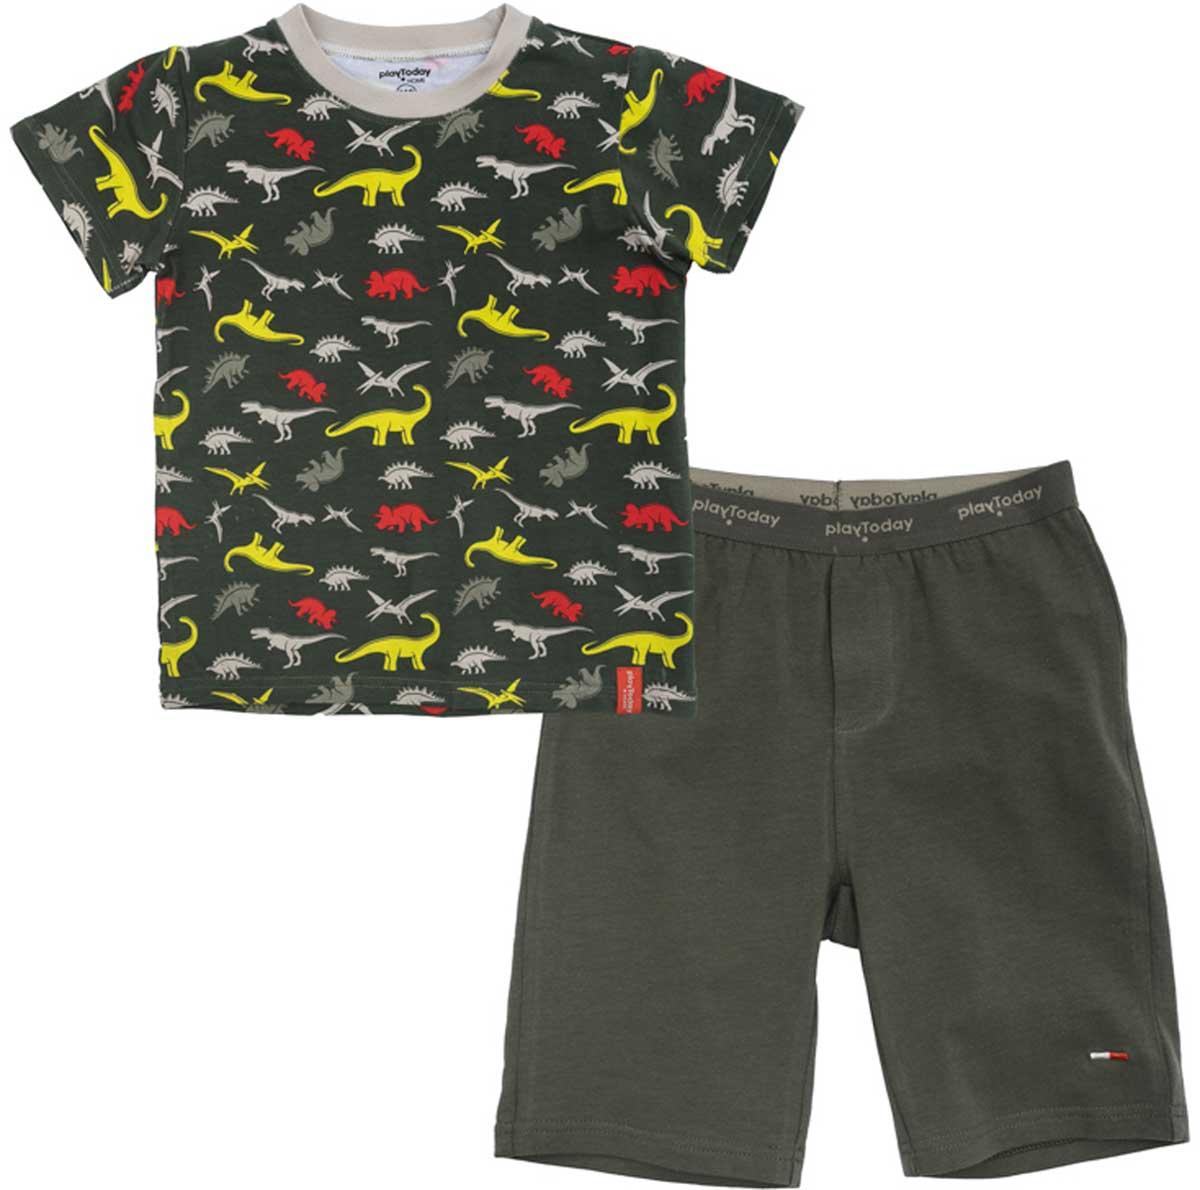 Комплект для мальчика PlayToday: футболка, шорты, цвет: темно-серый. 175003. Размер 98175003Комплект из майки и шорт прекрасно подойдет для домашнего использования. Может быть и домашней одеждой, и уютной пижамой. Мягкий, приятный к телу, материал не сковывает движений. Яркий принт является достойным украшением данного изделия.